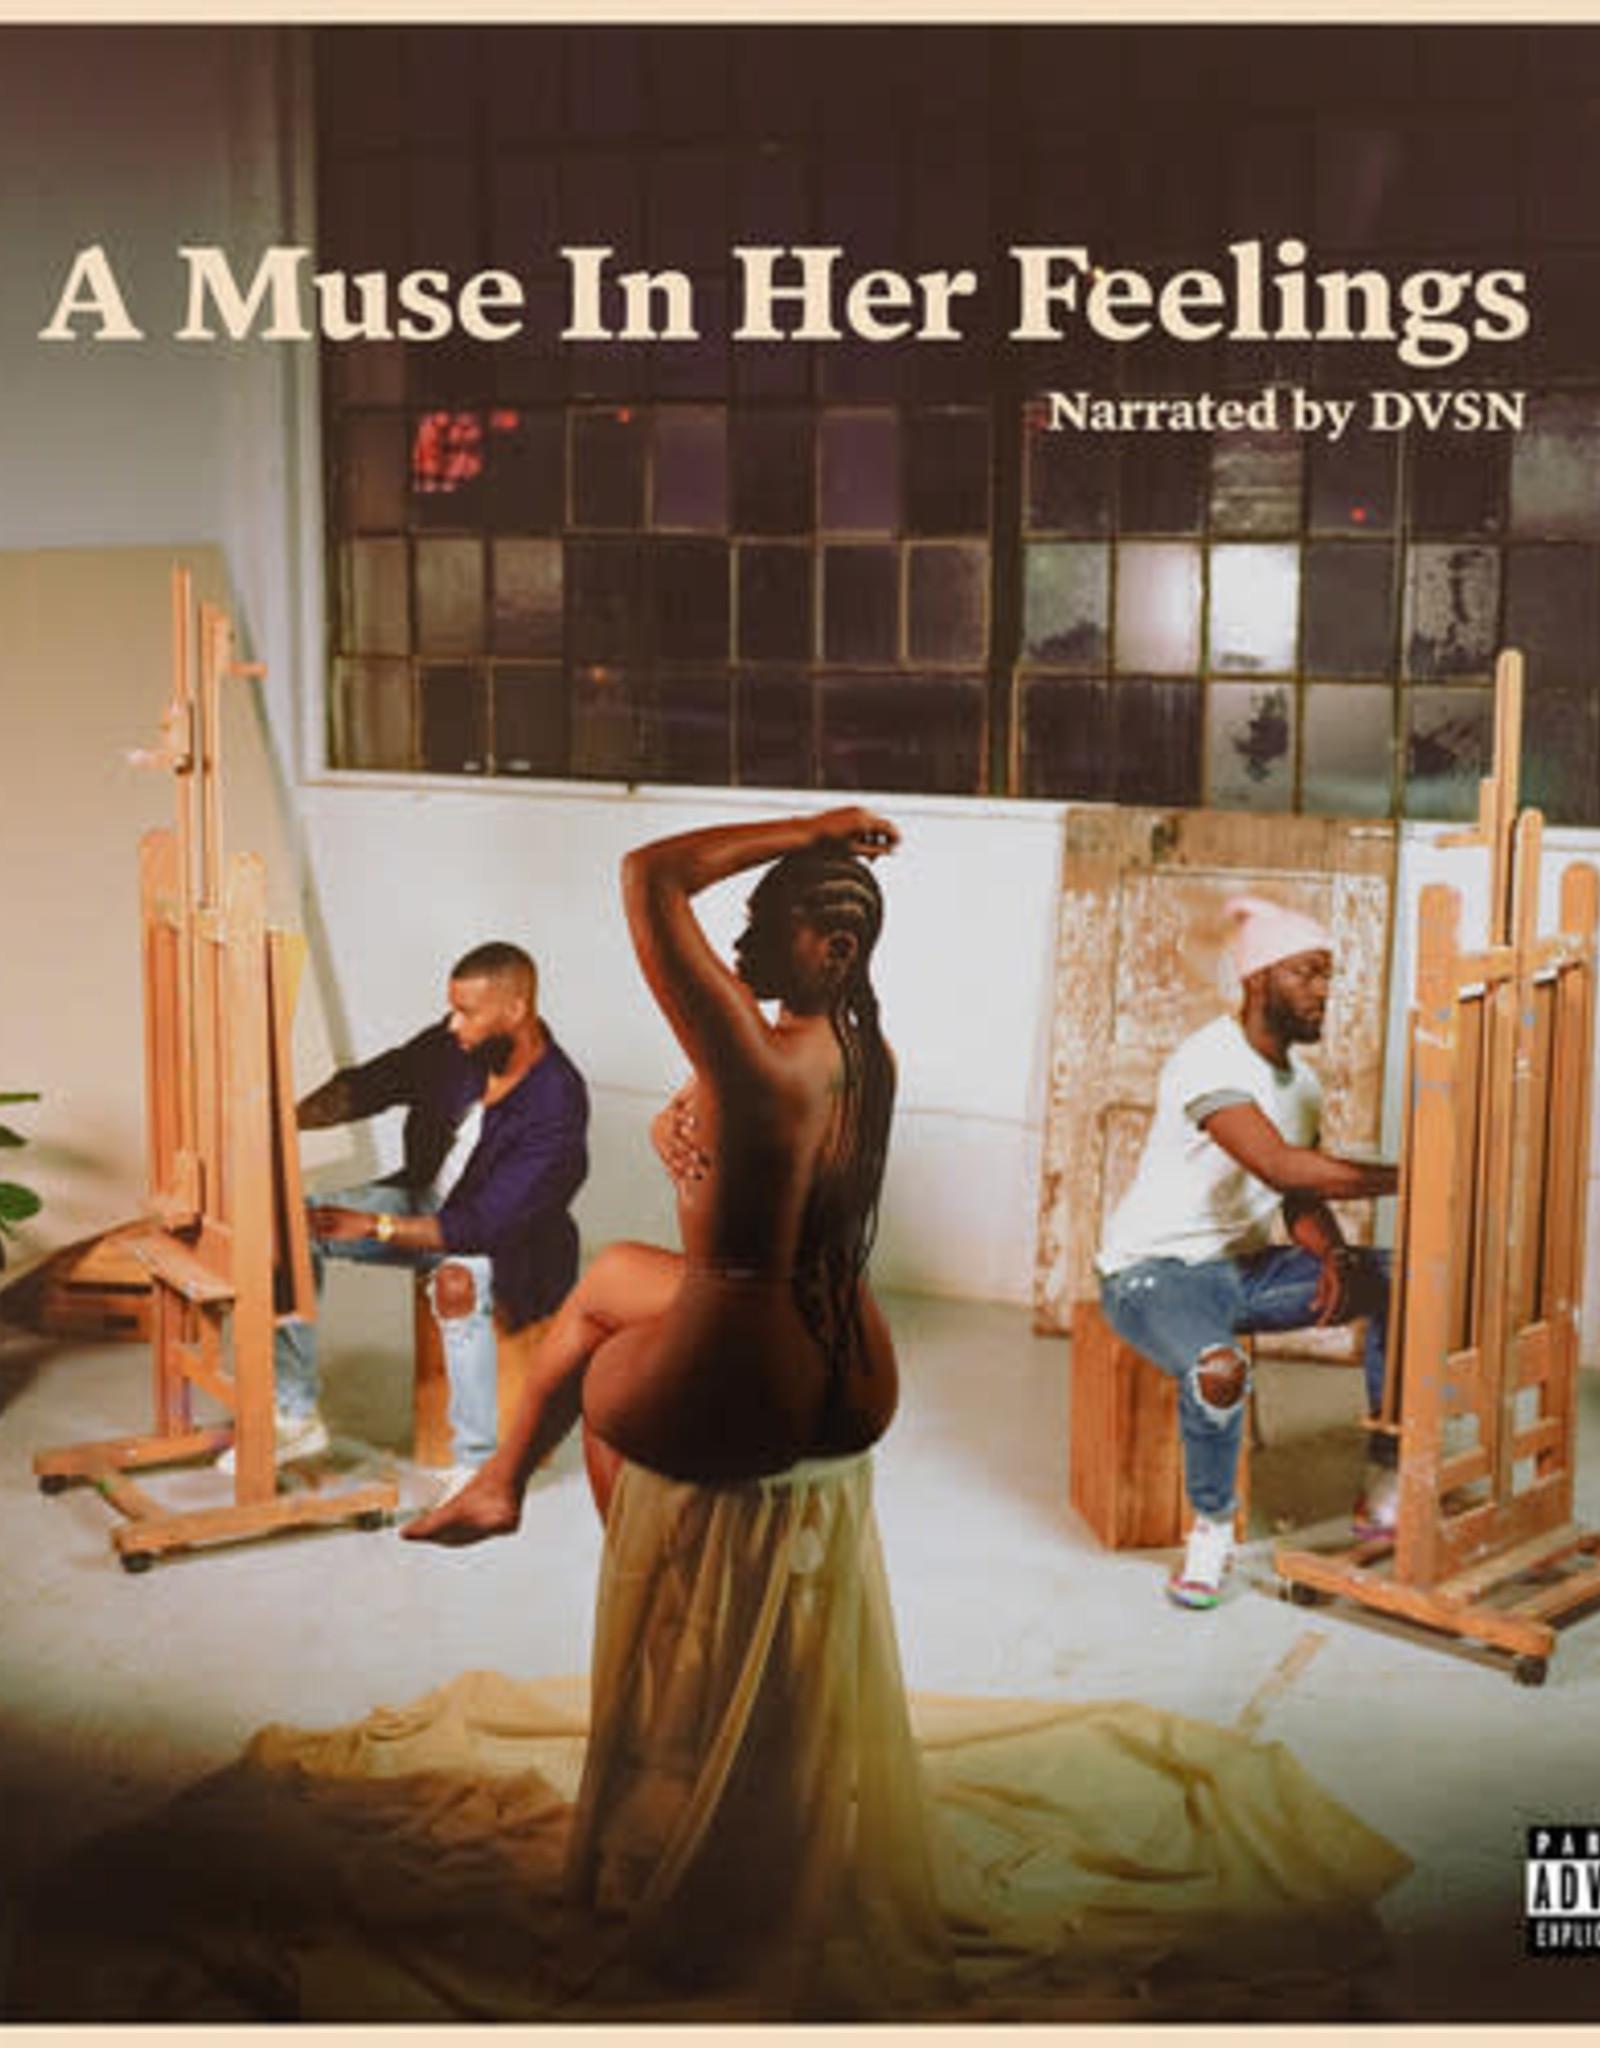 DVSN - A Muse in Her Feelings